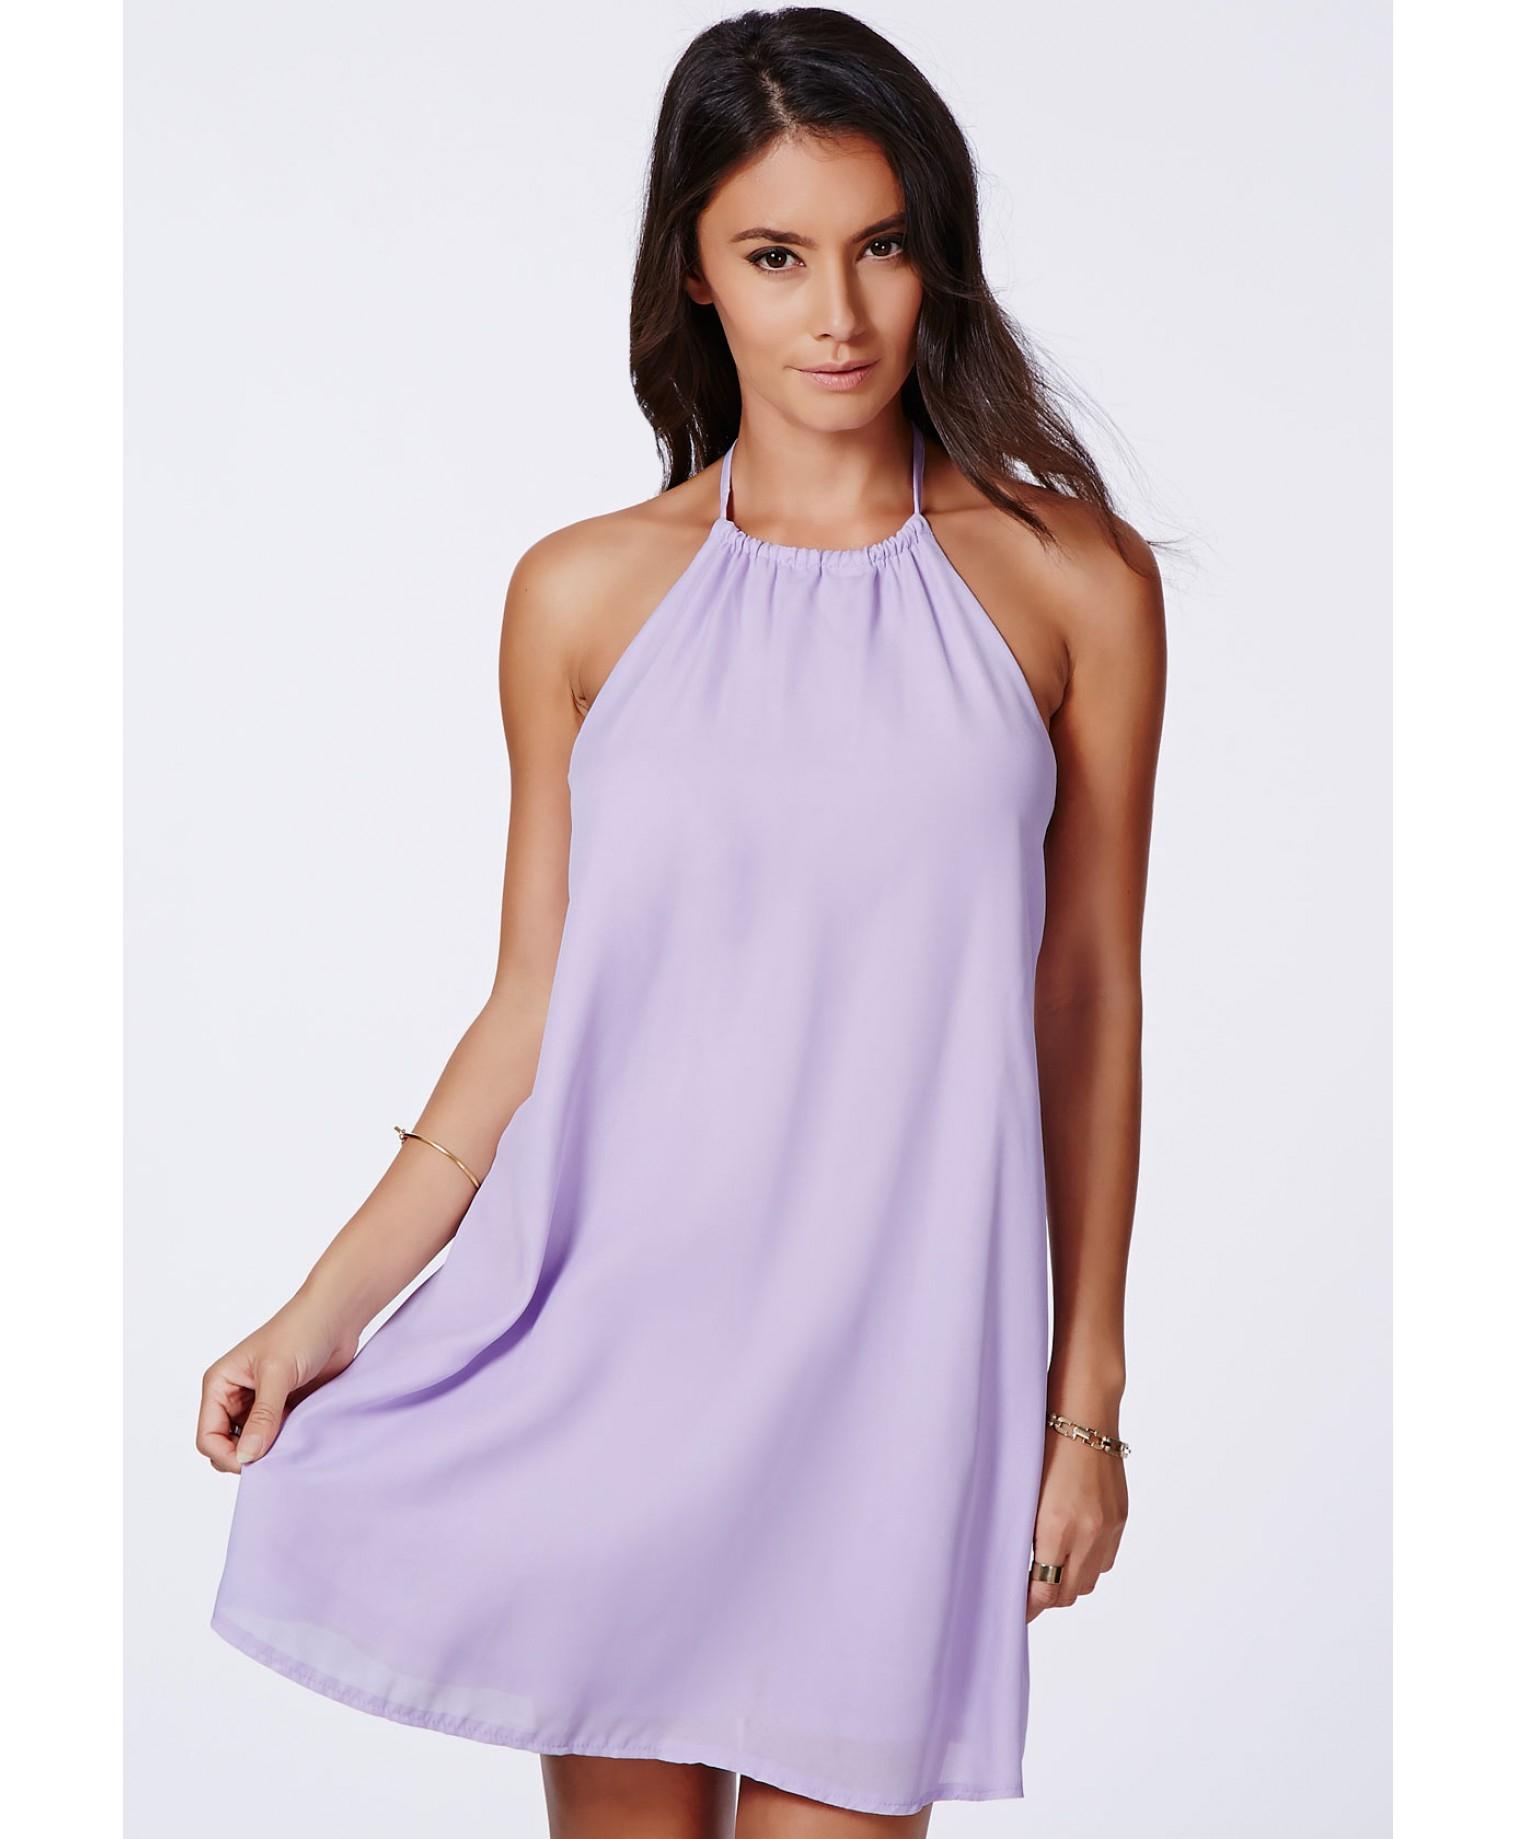 45e2e9a038fa Lyst - Missguided Laslie Lilac Strappy Swing Chiffon Dress in Purple